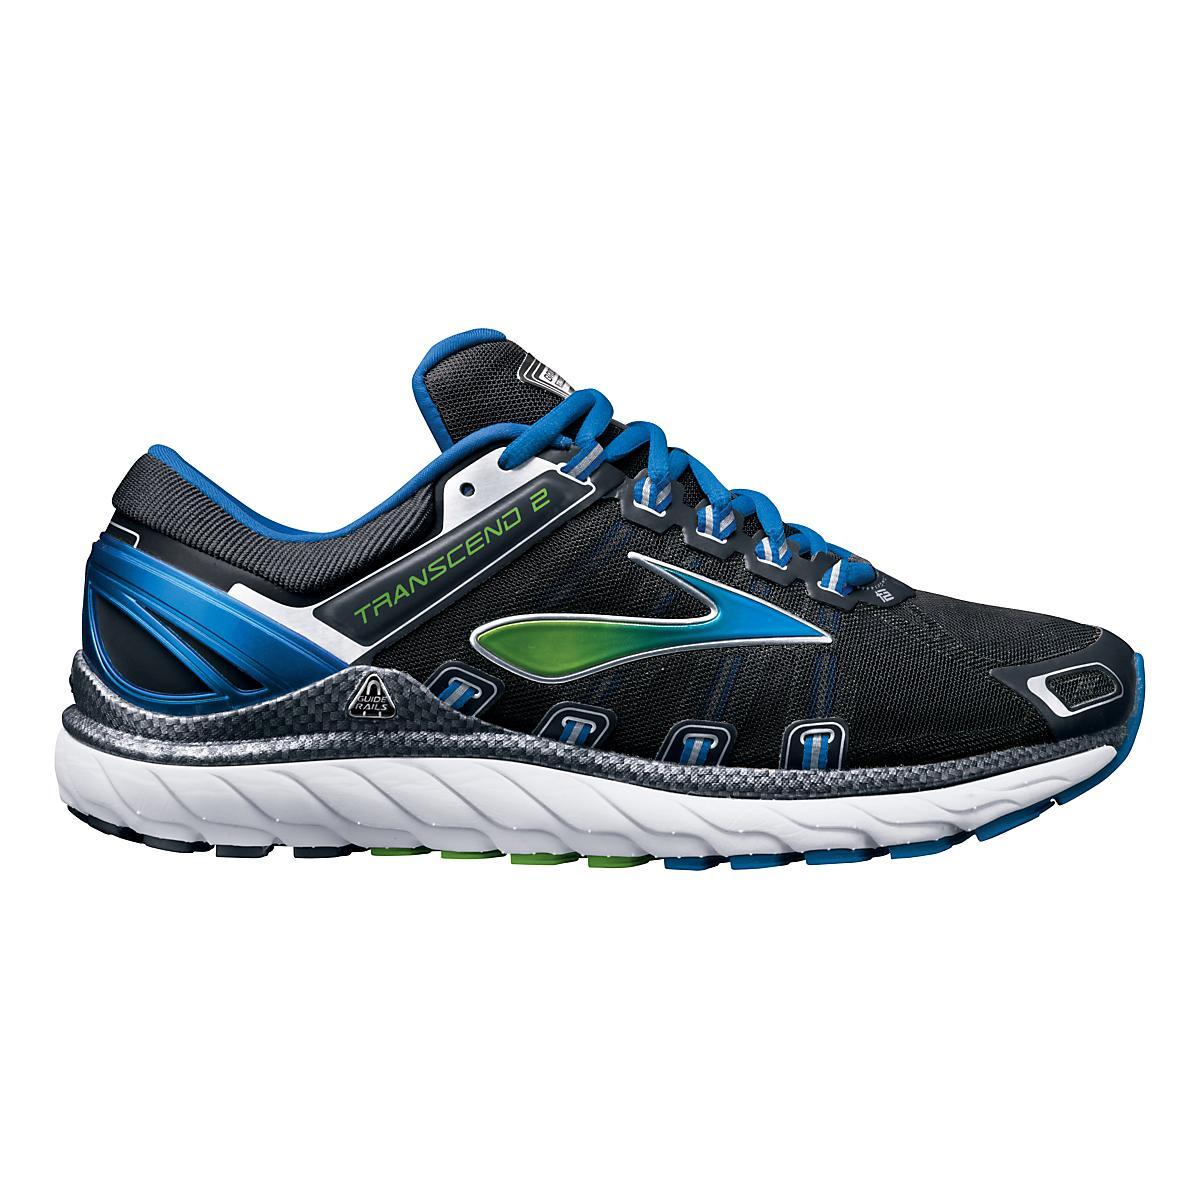 be27af527e5 Mens Brooks Transcend 2 Running Shoe at Road Runner Sports